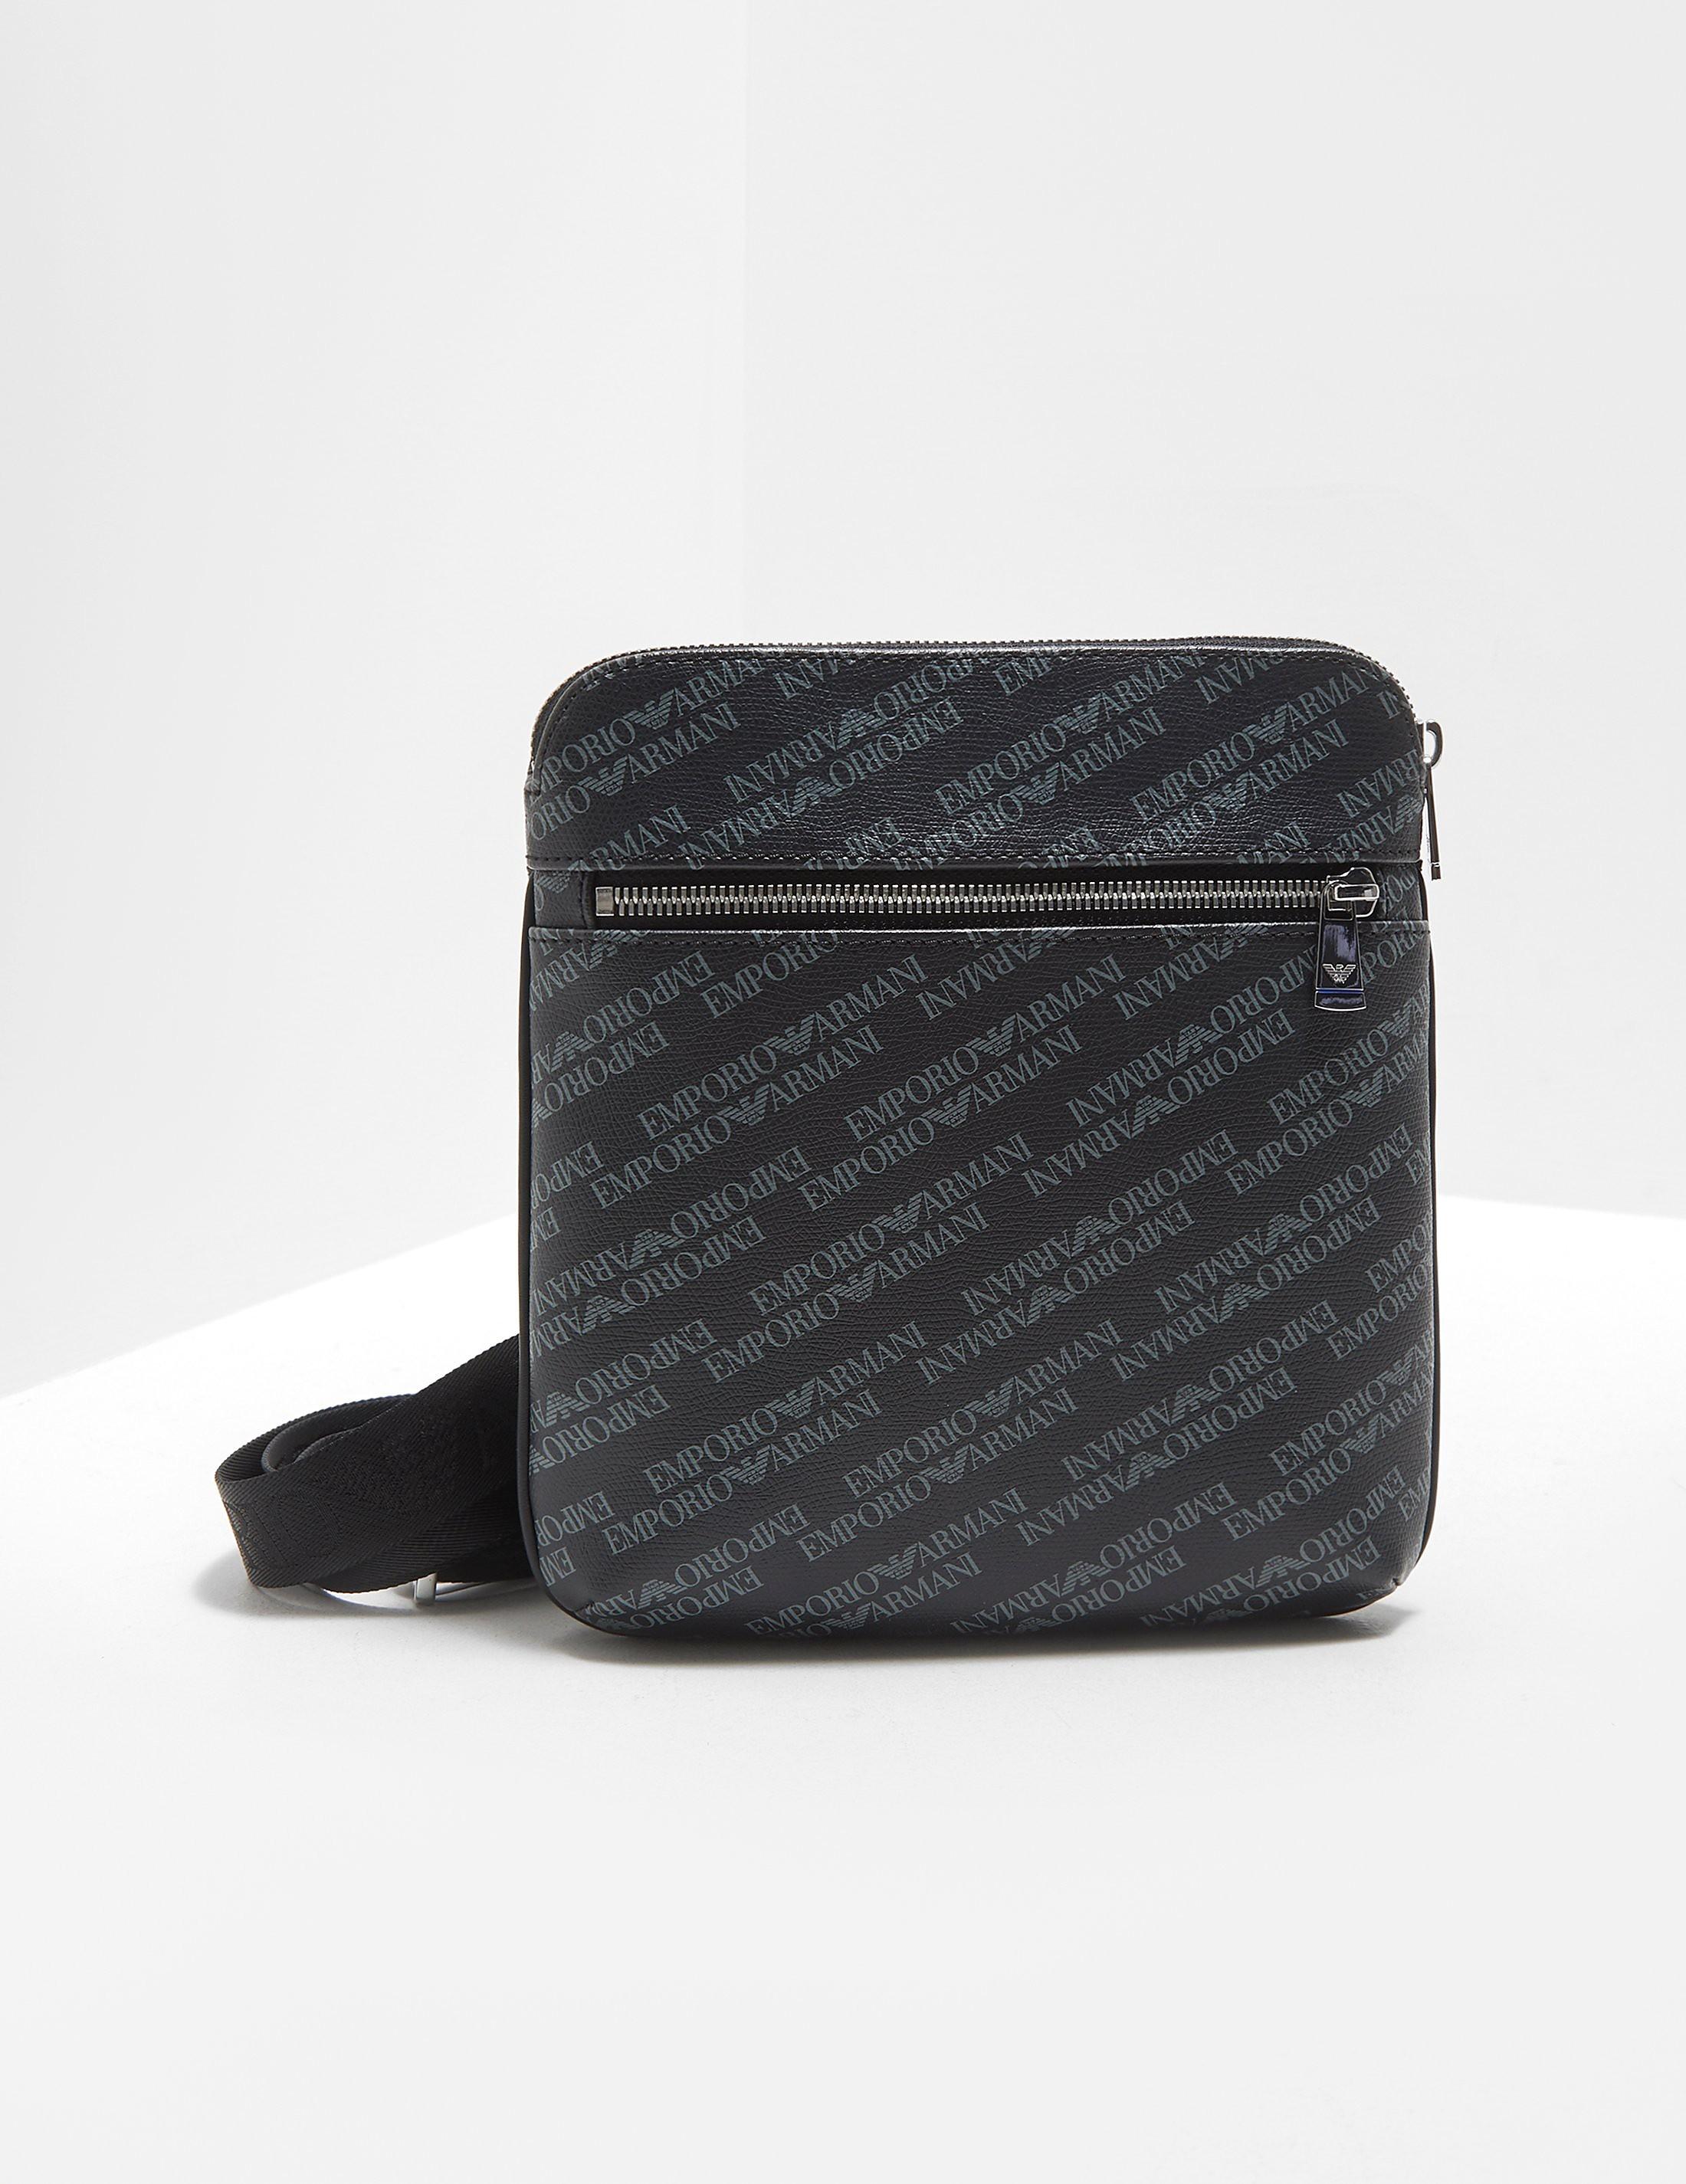 Emporio Armani All Over Logo Small Item Bag